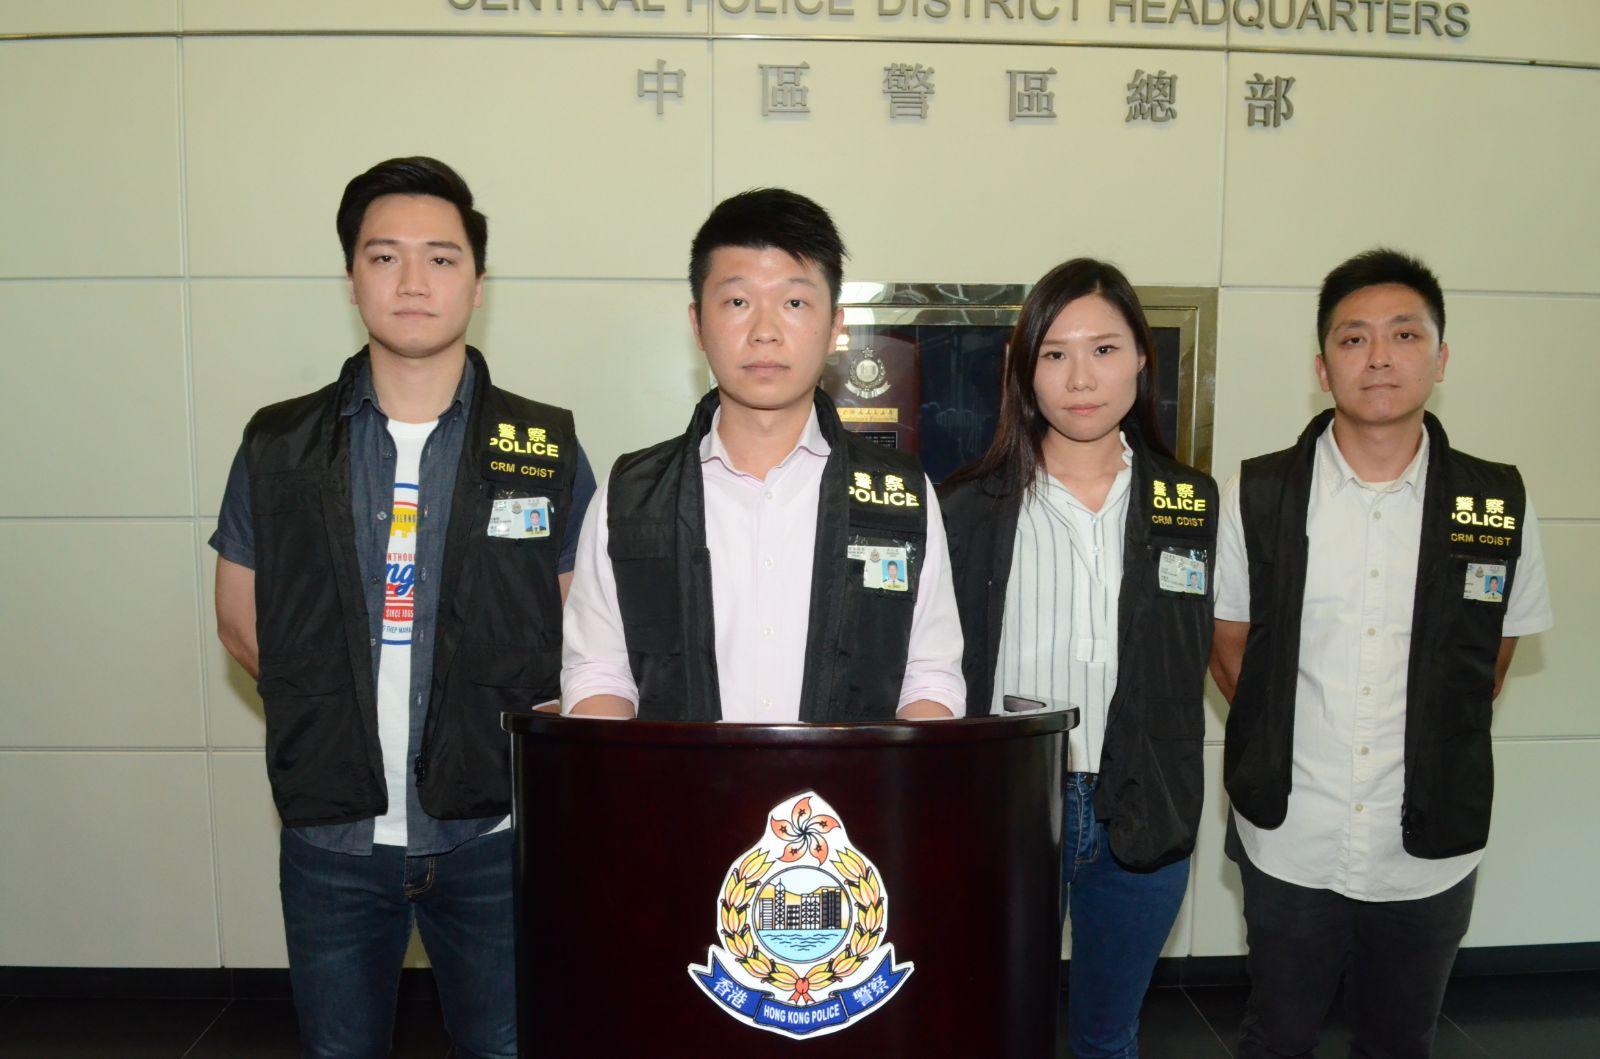 警方中區警區刑事調查隊第8隊主管馮潤和督察(左二)